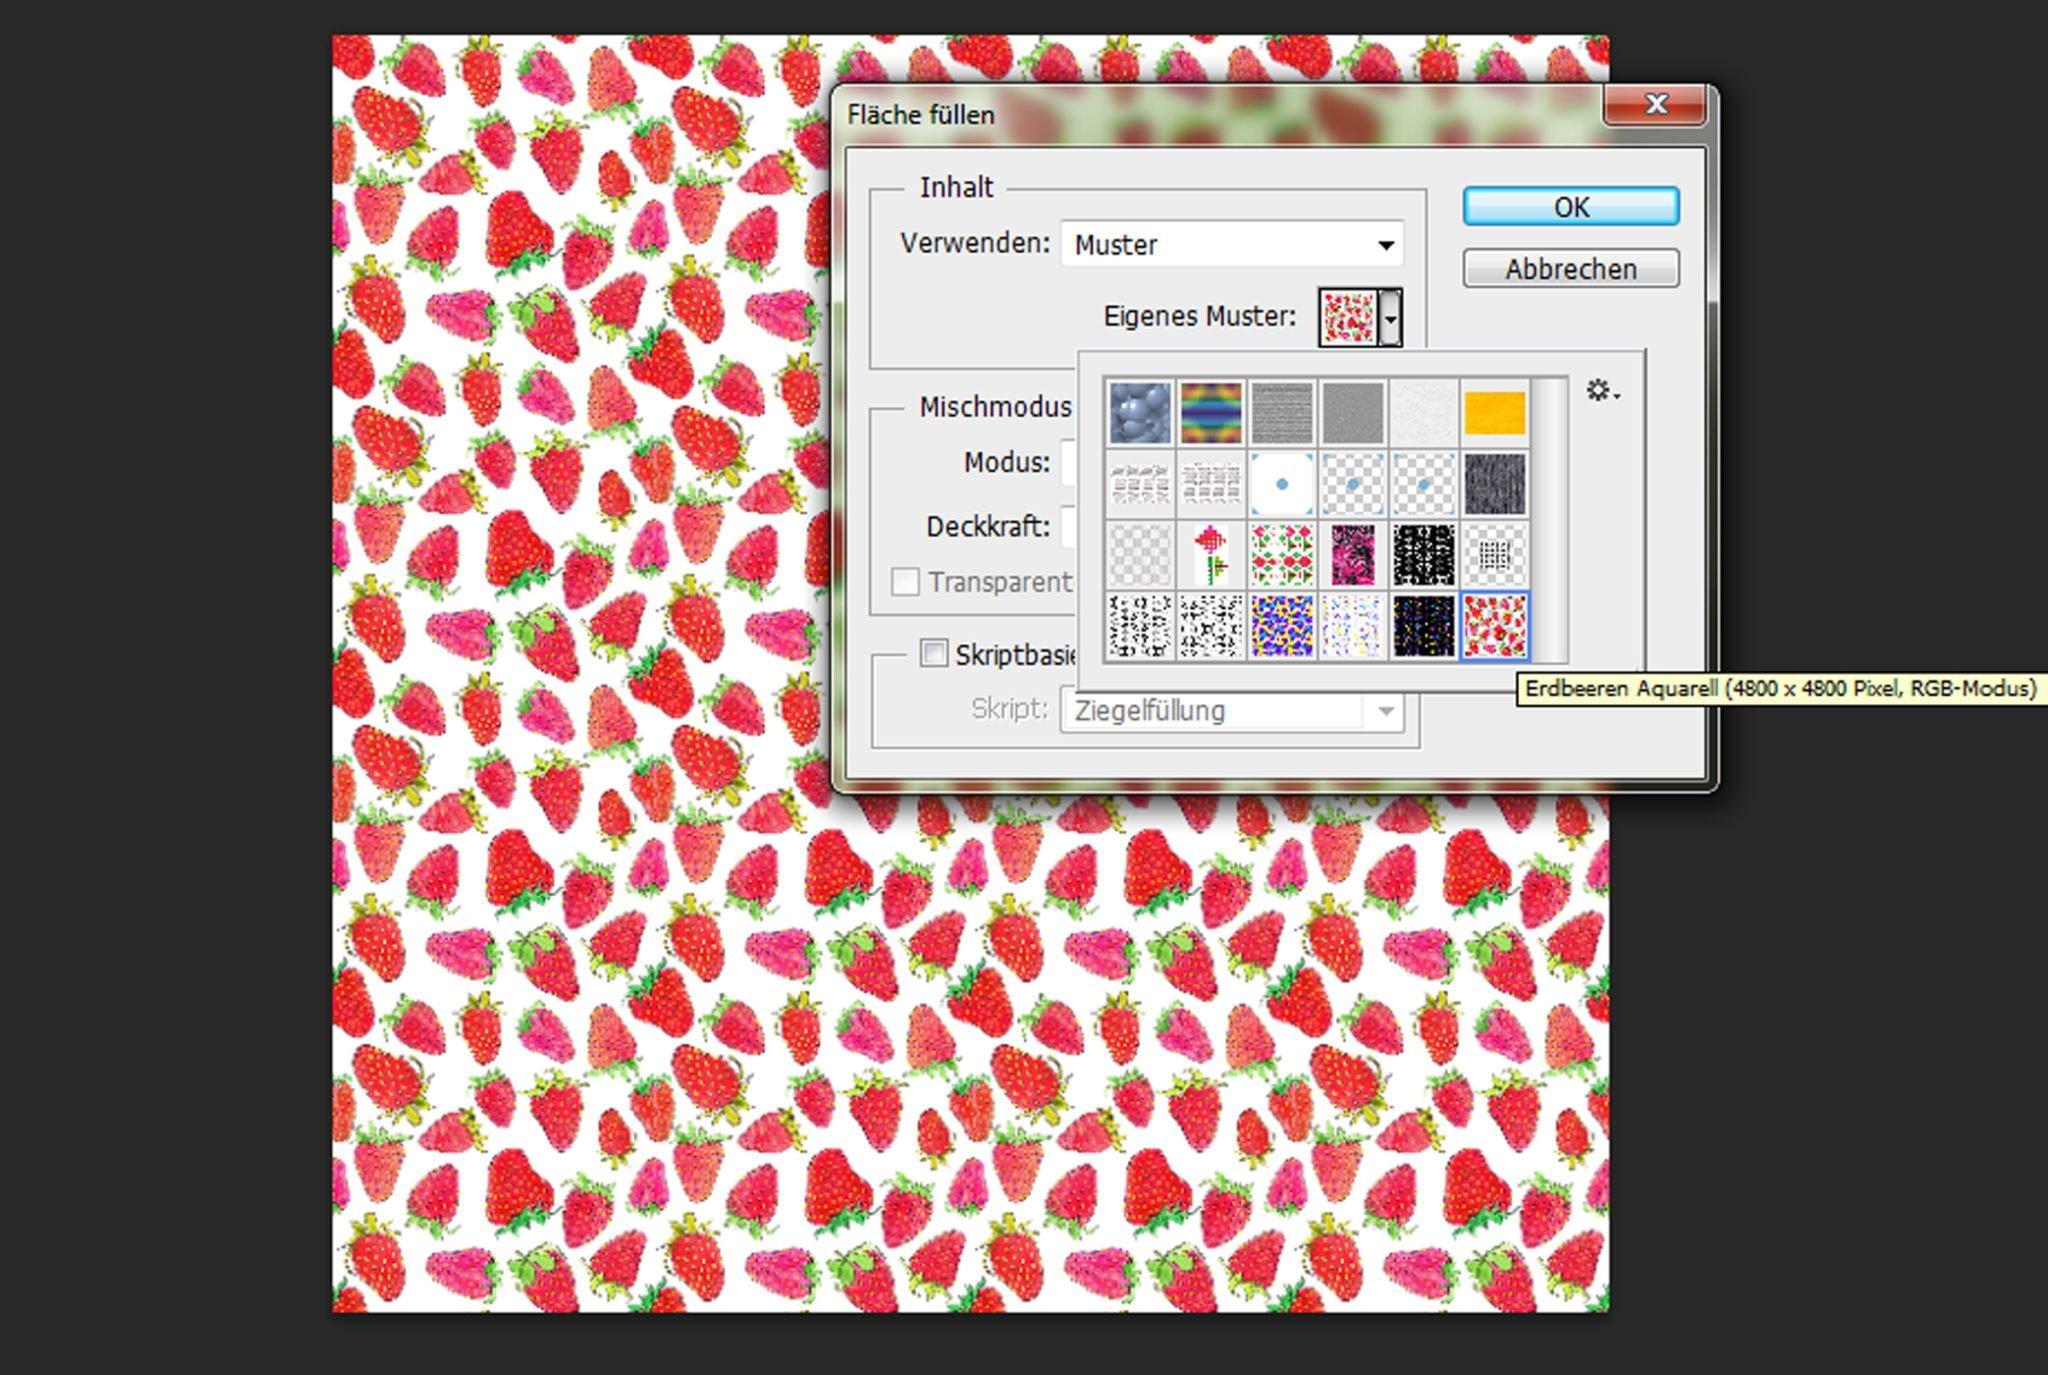 Schritt 7 Rapport überprüfen und Muster in neue Datei einfügen